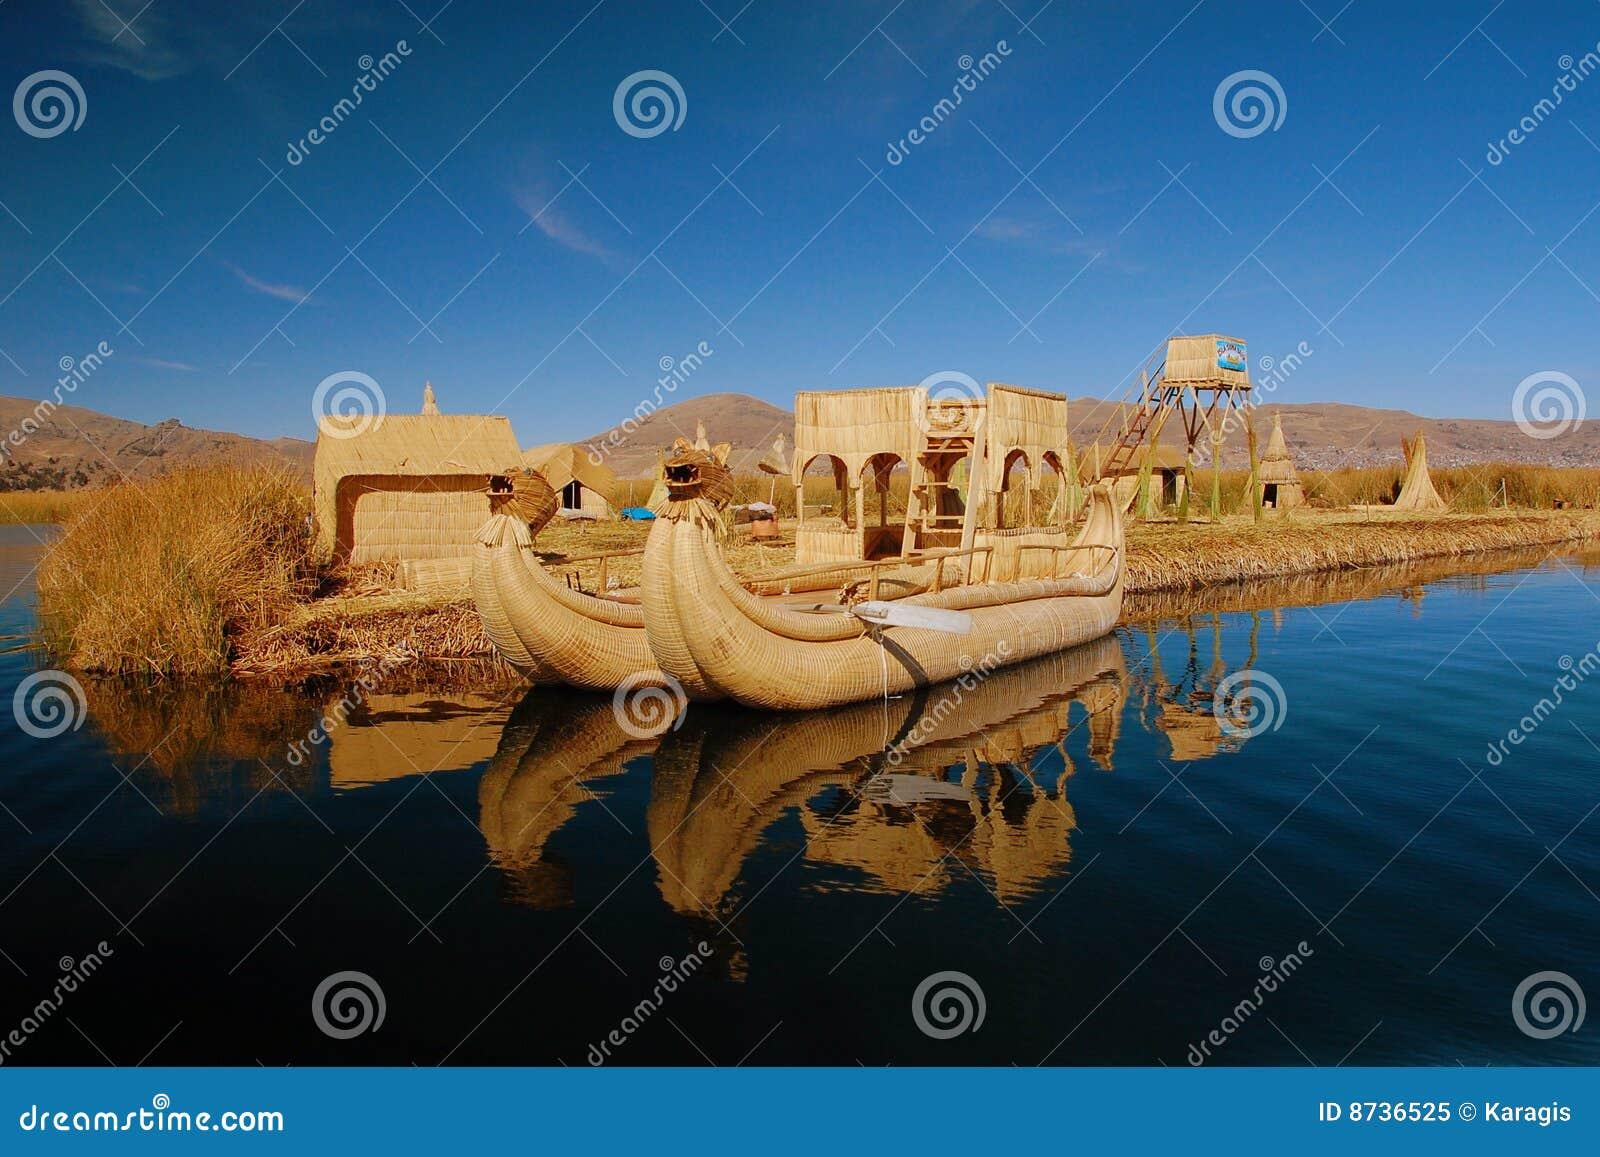 Barco de lingüeta e console de flutuação, lago Titicaca